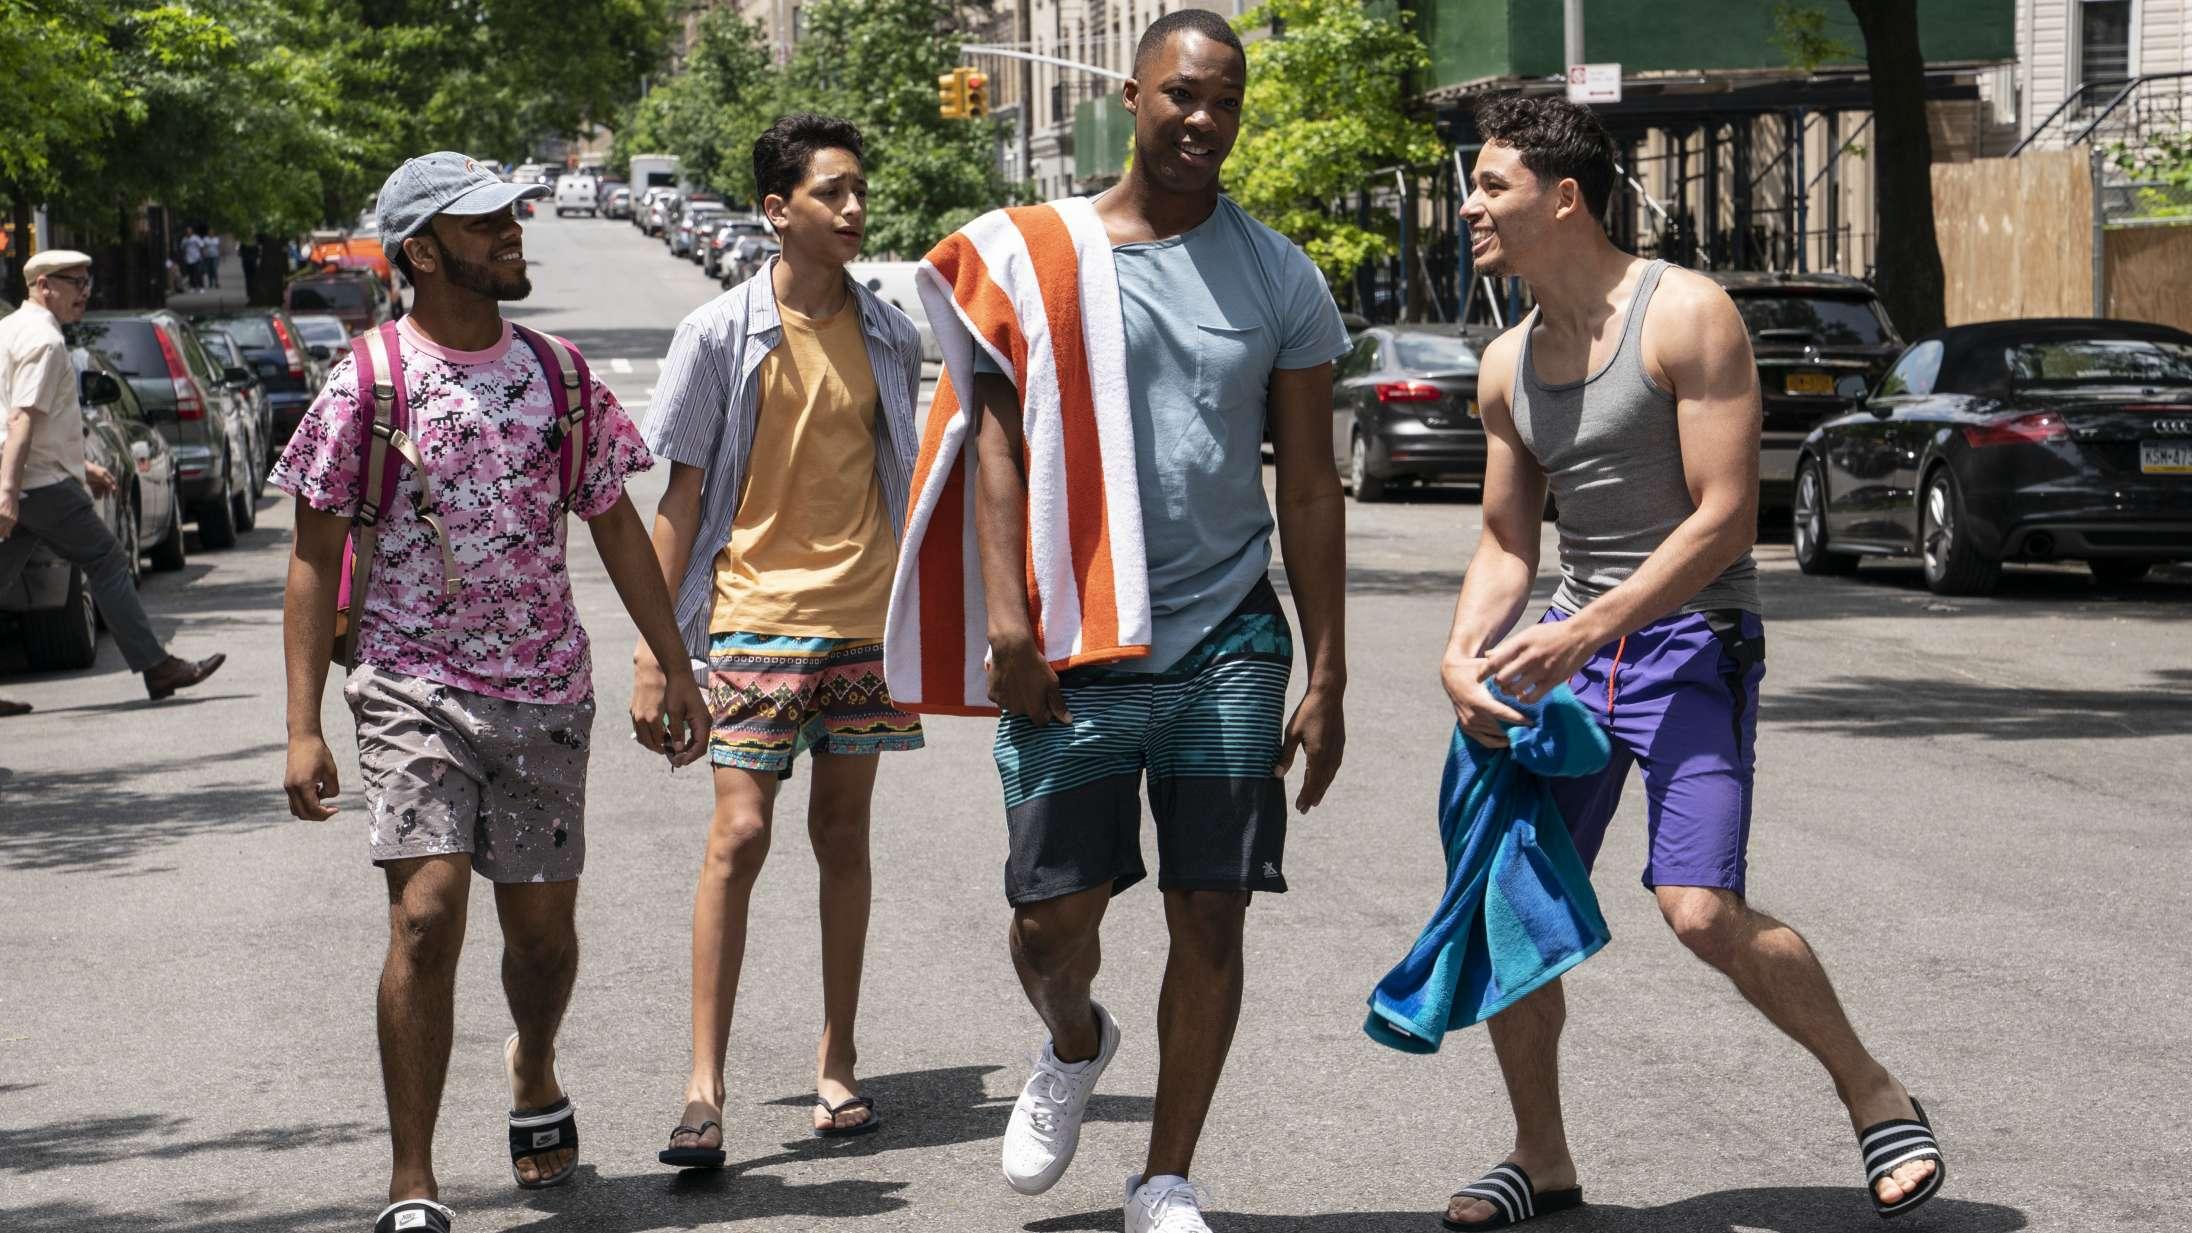 Afvisningen af sommerens bedste blockbuster er en kold spand vand i hovedet på filmfans